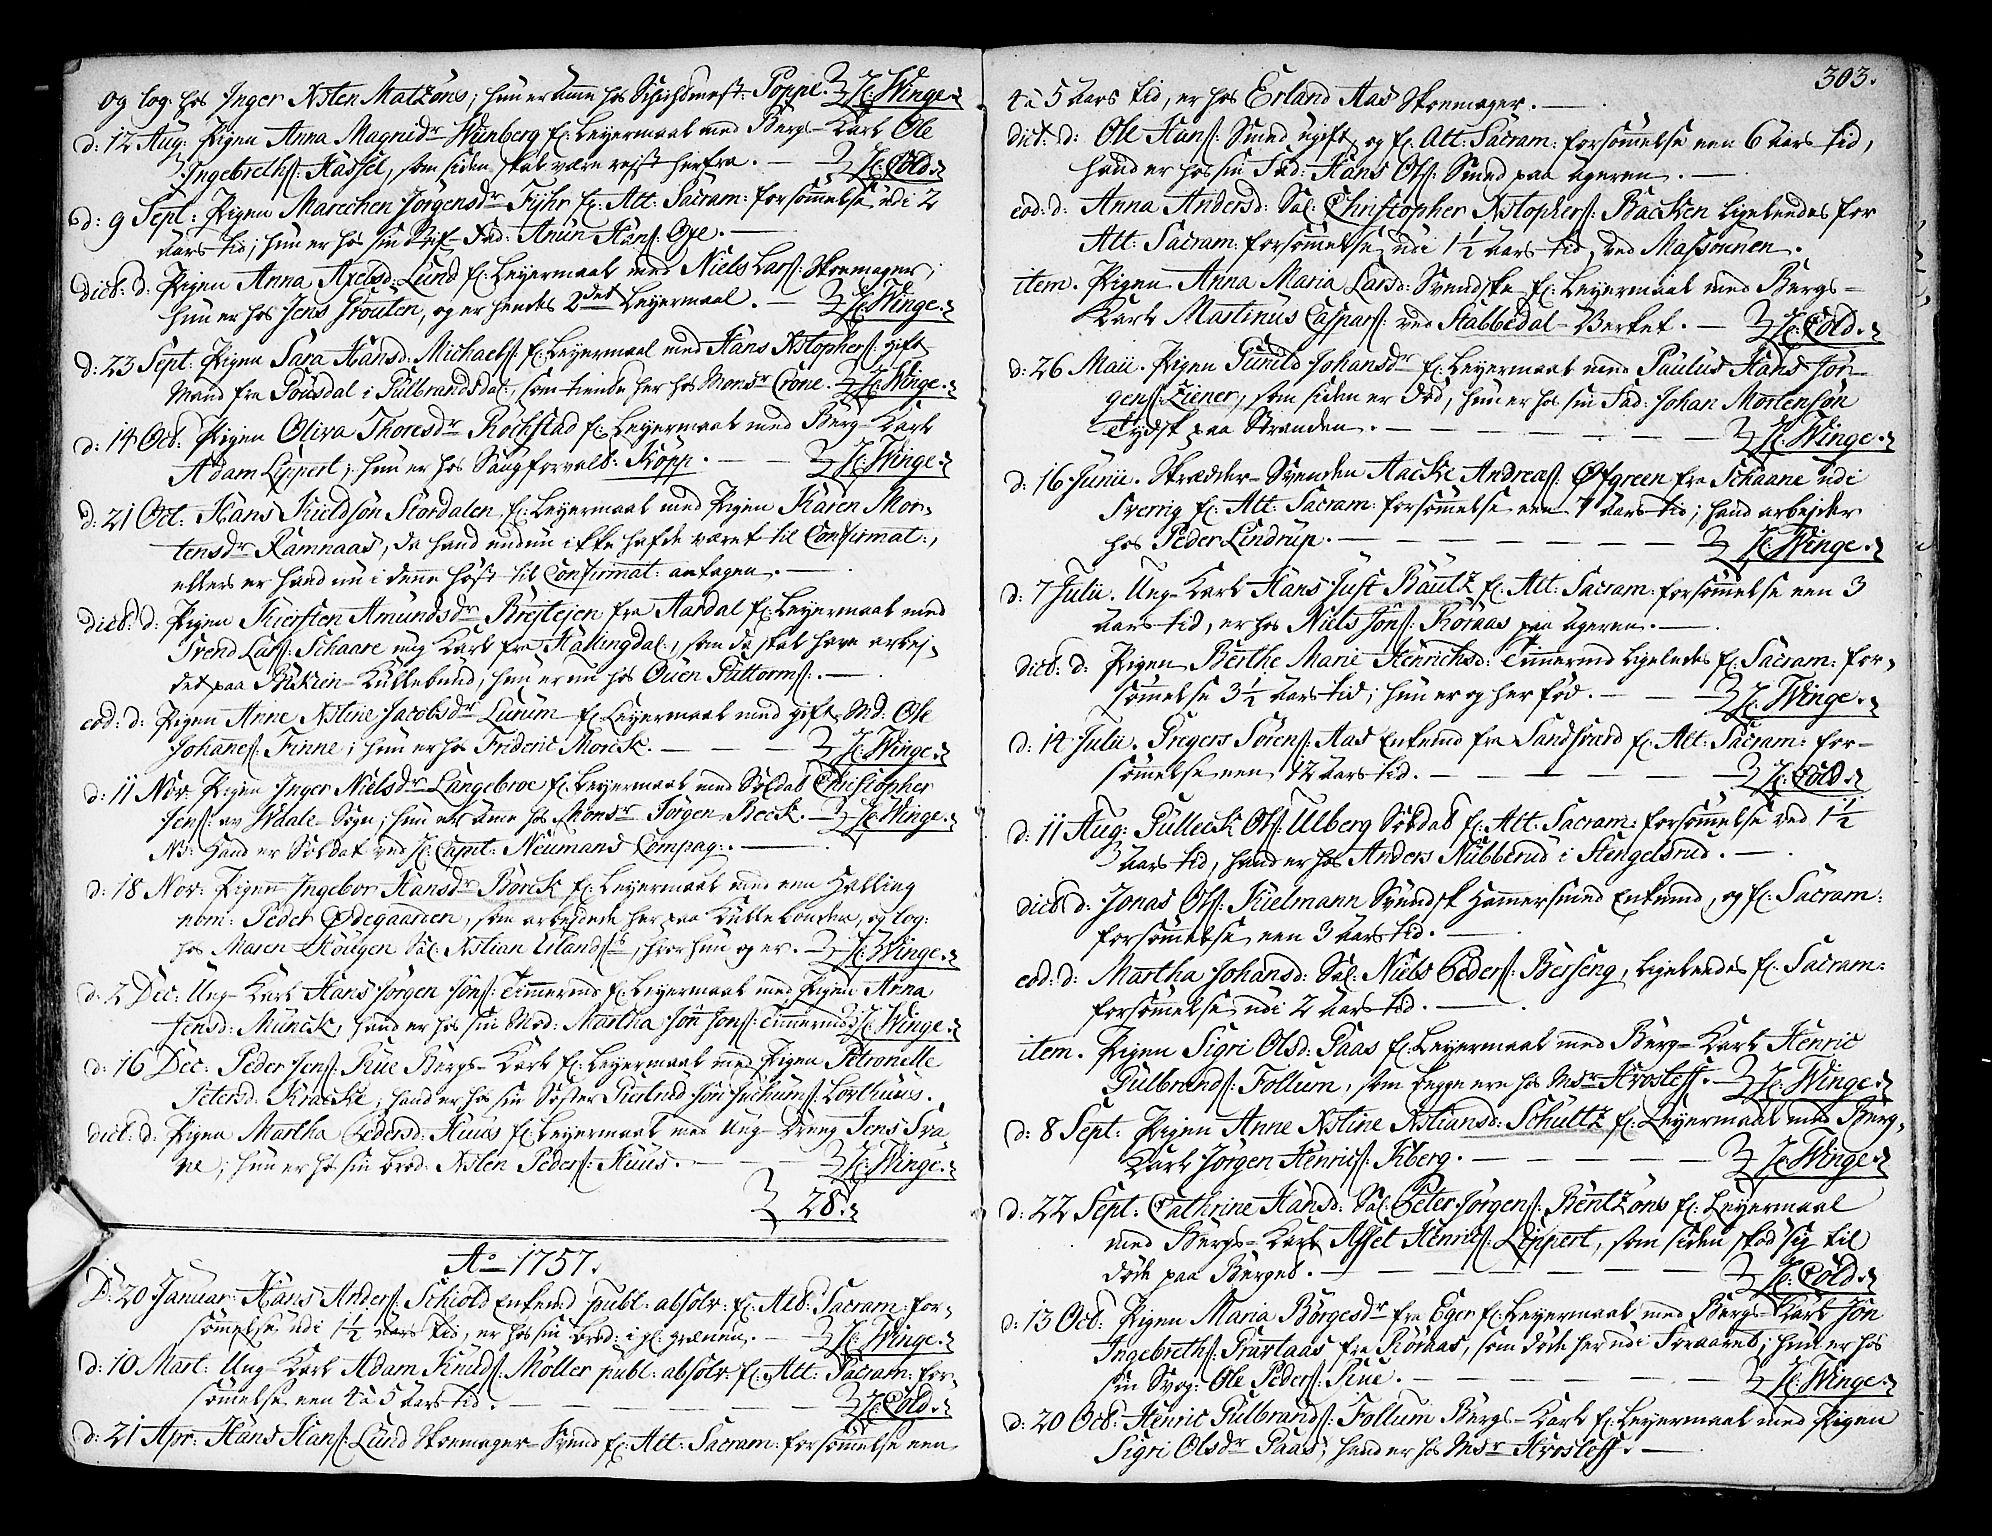 SAKO, Kongsberg kirkebøker, F/Fa/L0004: Ministerialbok nr. I 4, 1756-1768, s. 303